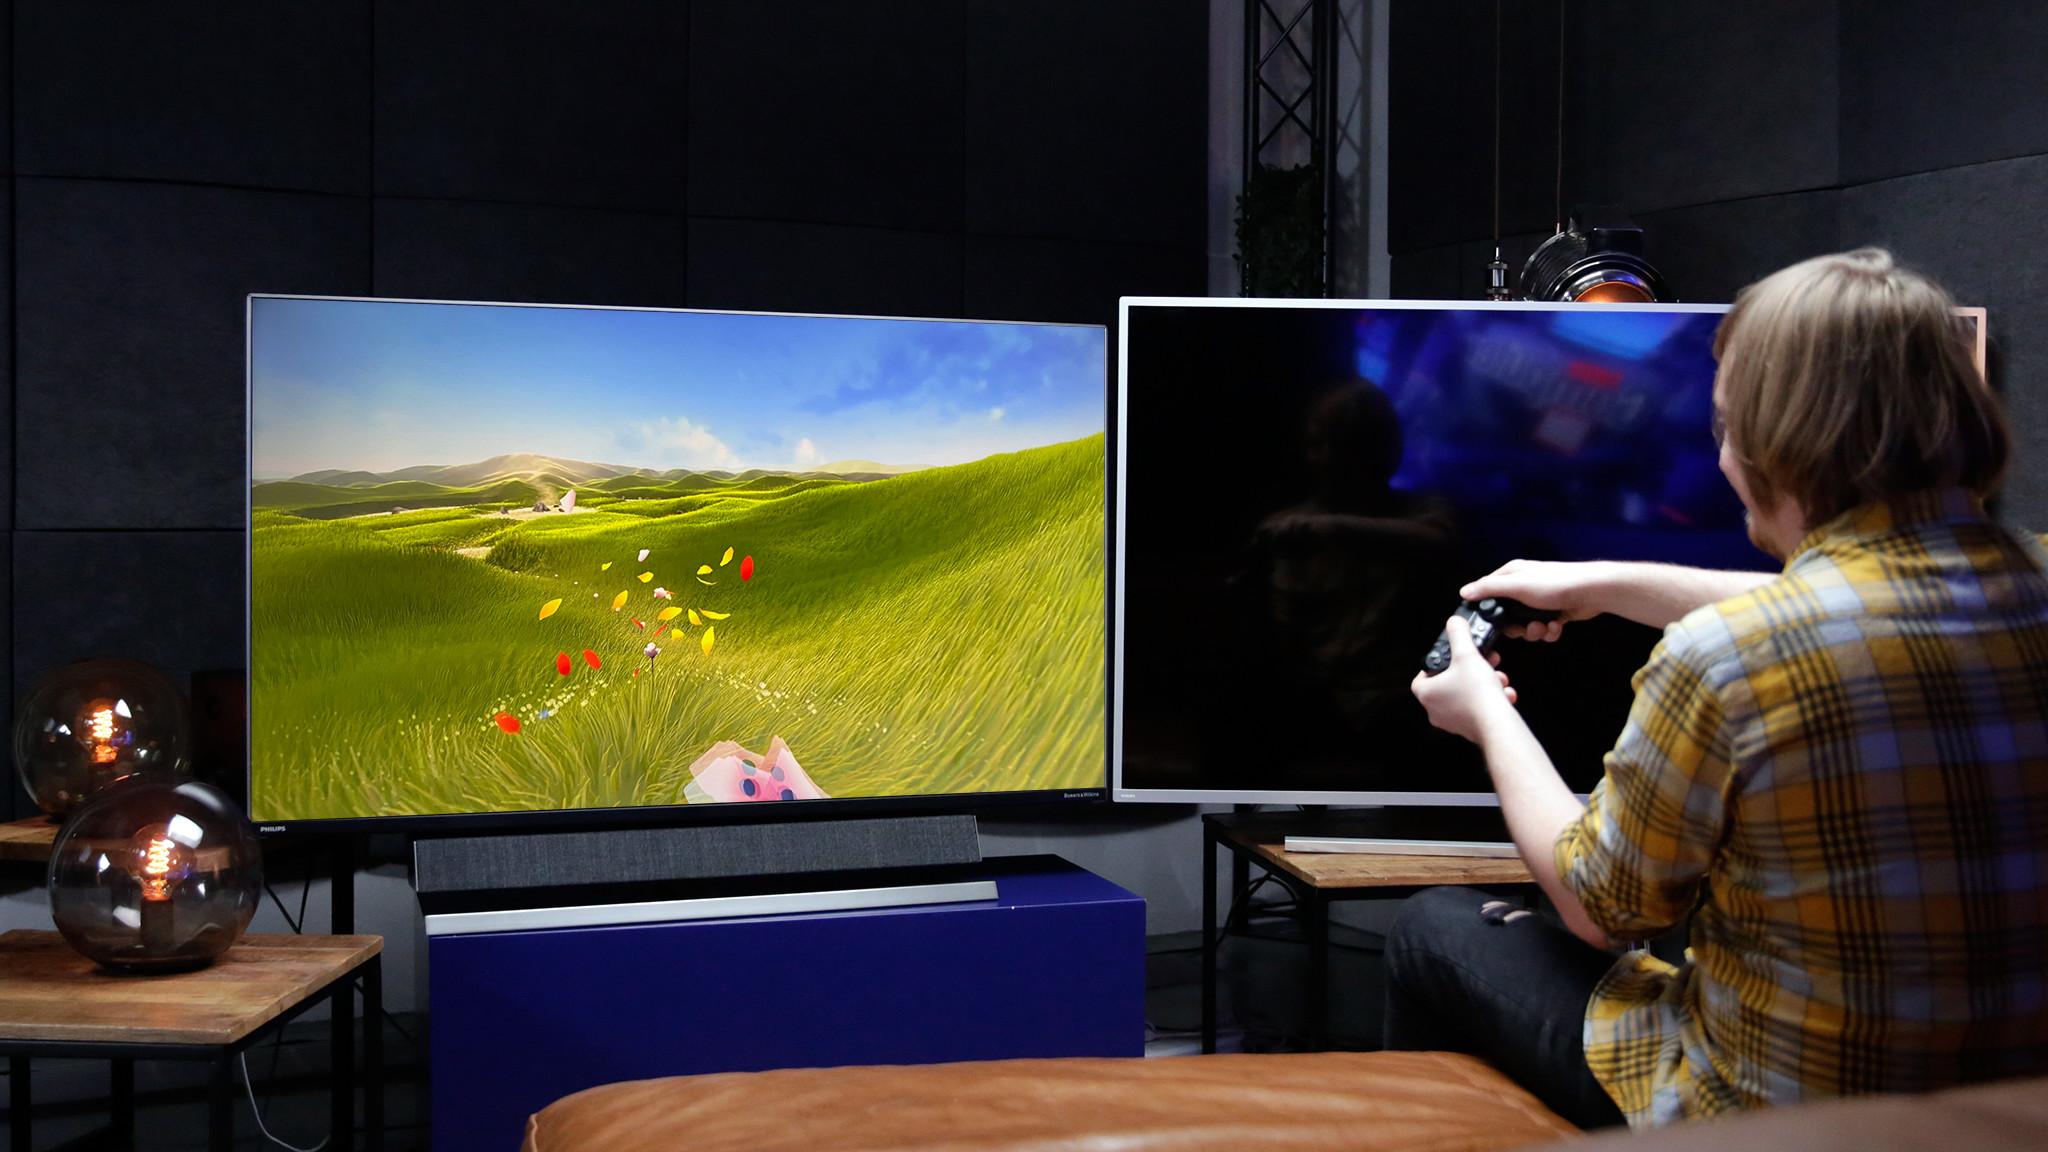 Philips Momentum 558M1 im Test gegen den Fernseher Philips 58PUS8505 (rechts im Bild): Beim Gaming lag der Monitor klar vorne.©COMPUTER BILD